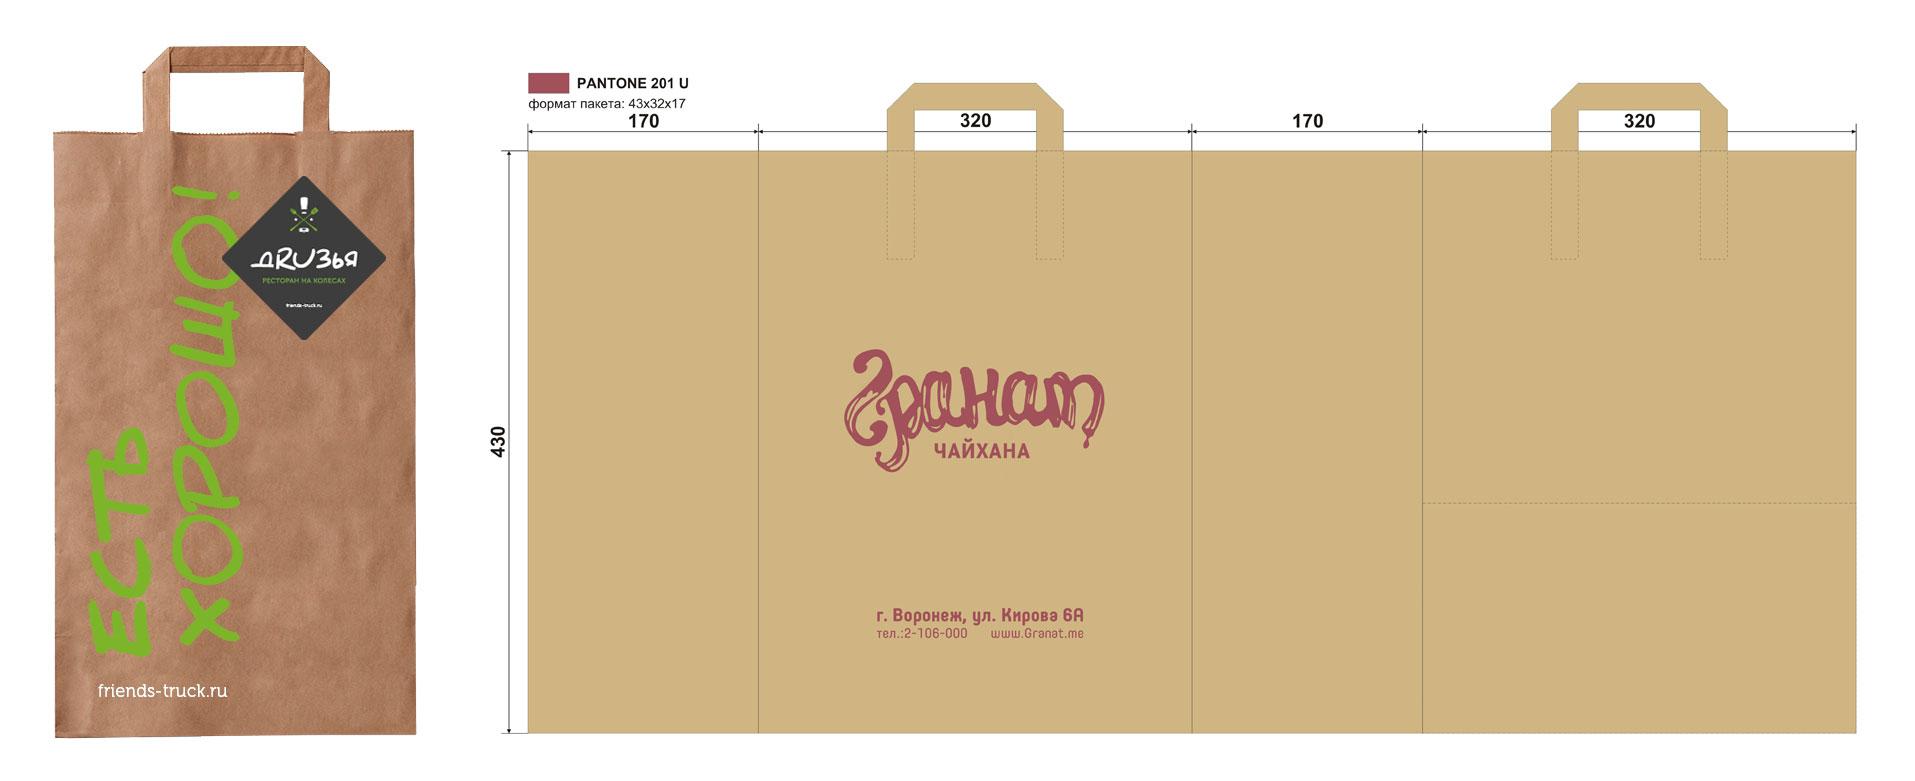 Стоимость изготовления пакетов логотипом